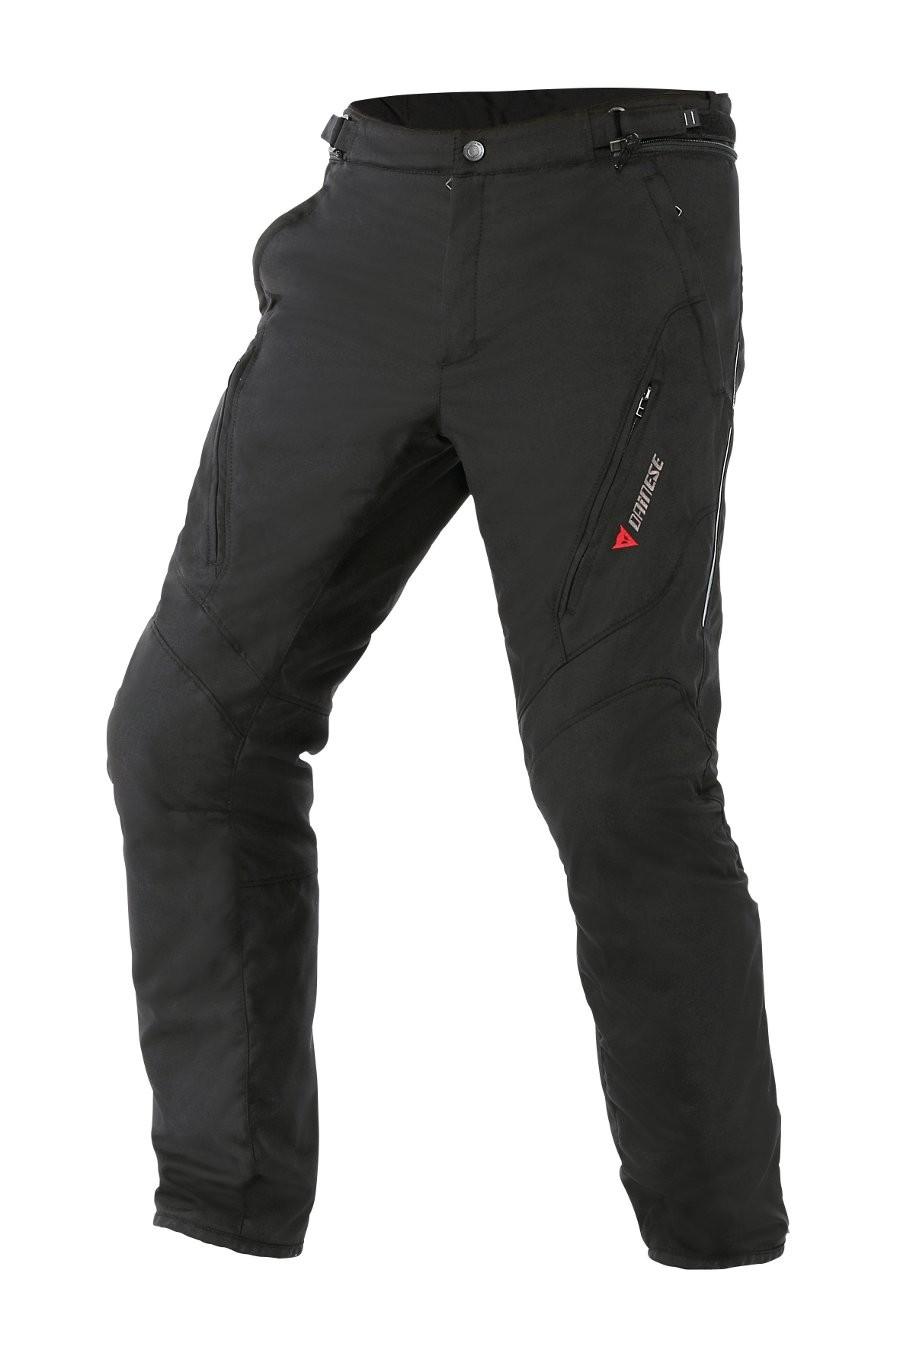 Pantaloni moto Dainese Tempest D-Dry short-Tall neri